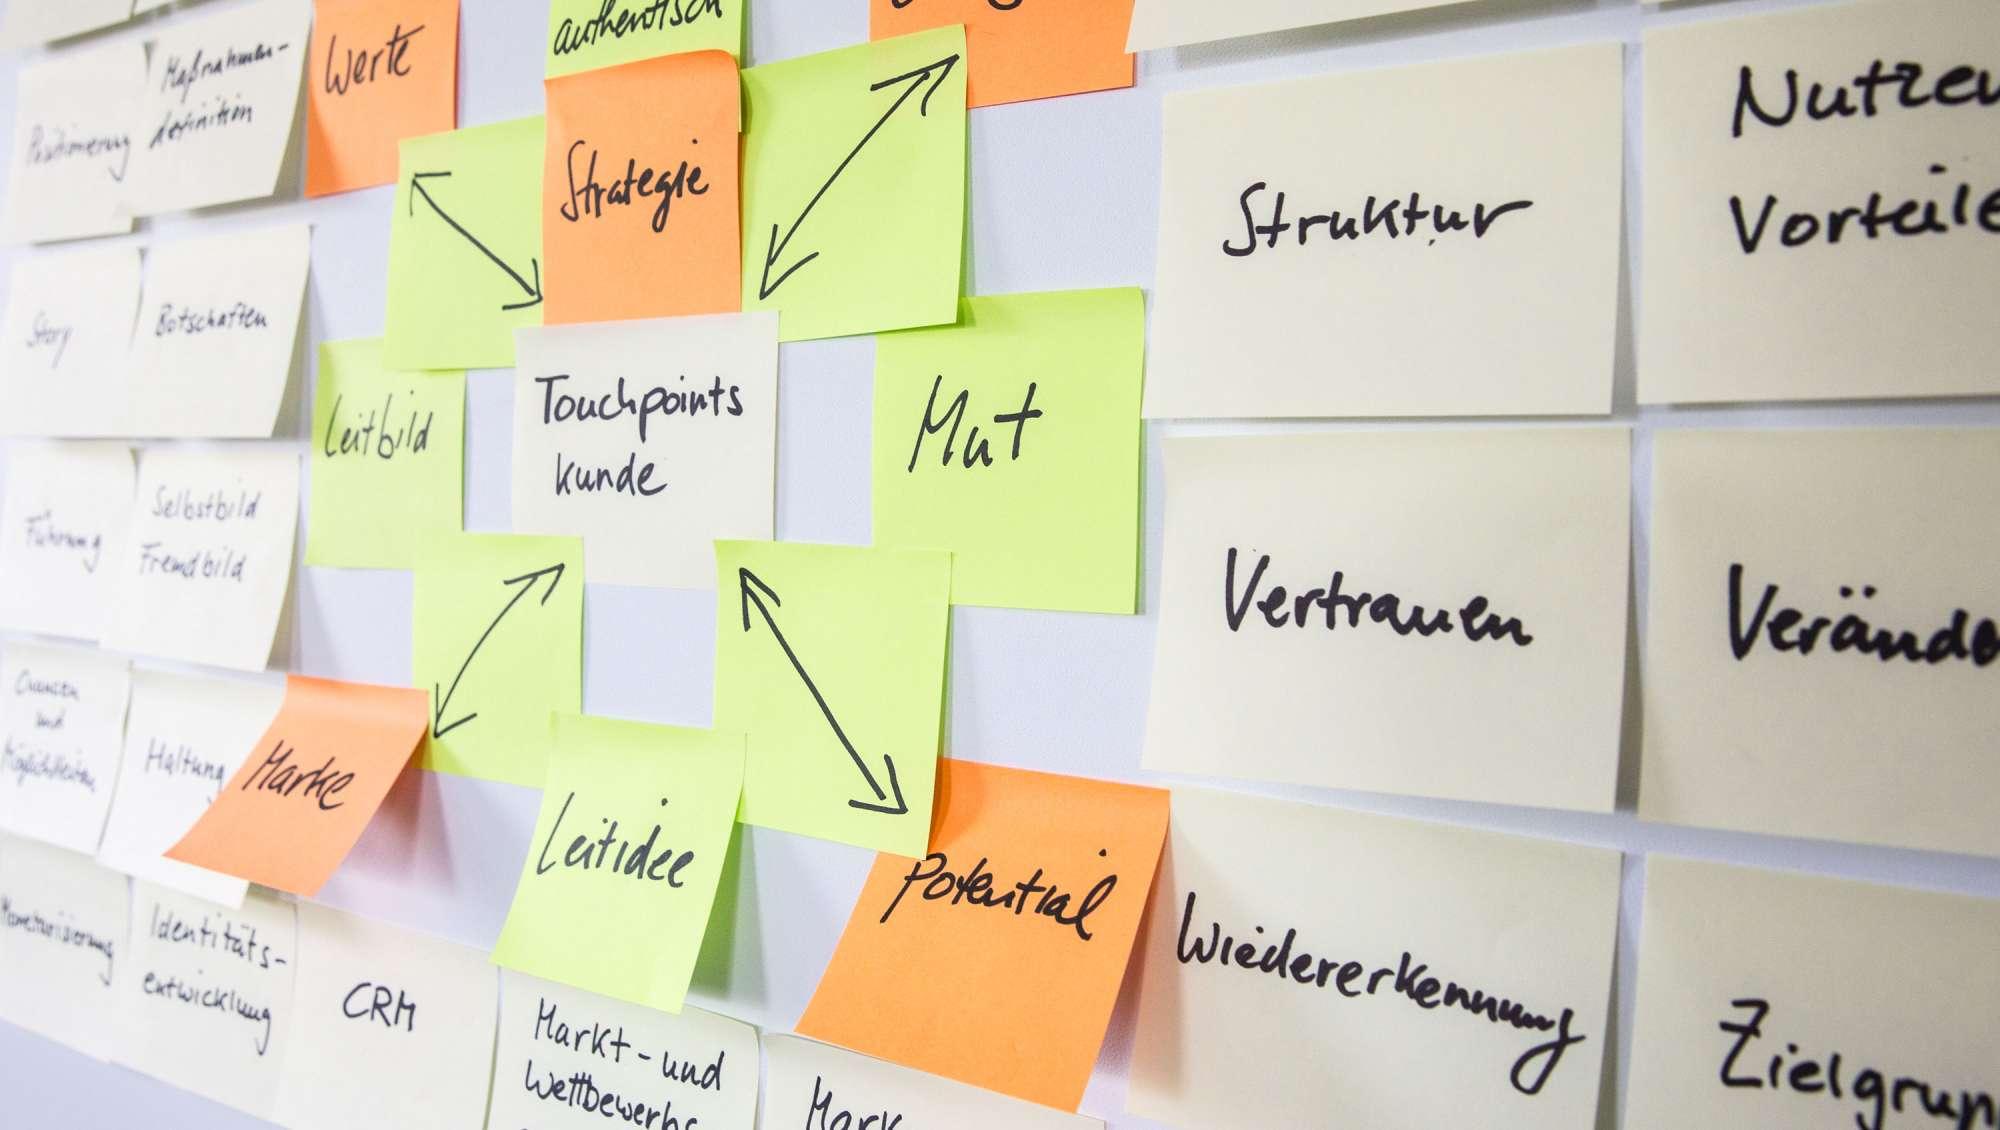 Markenentwicklung, Startup Entwicklung, Beratung, Unternehmensberatung, Strategieentwicklung